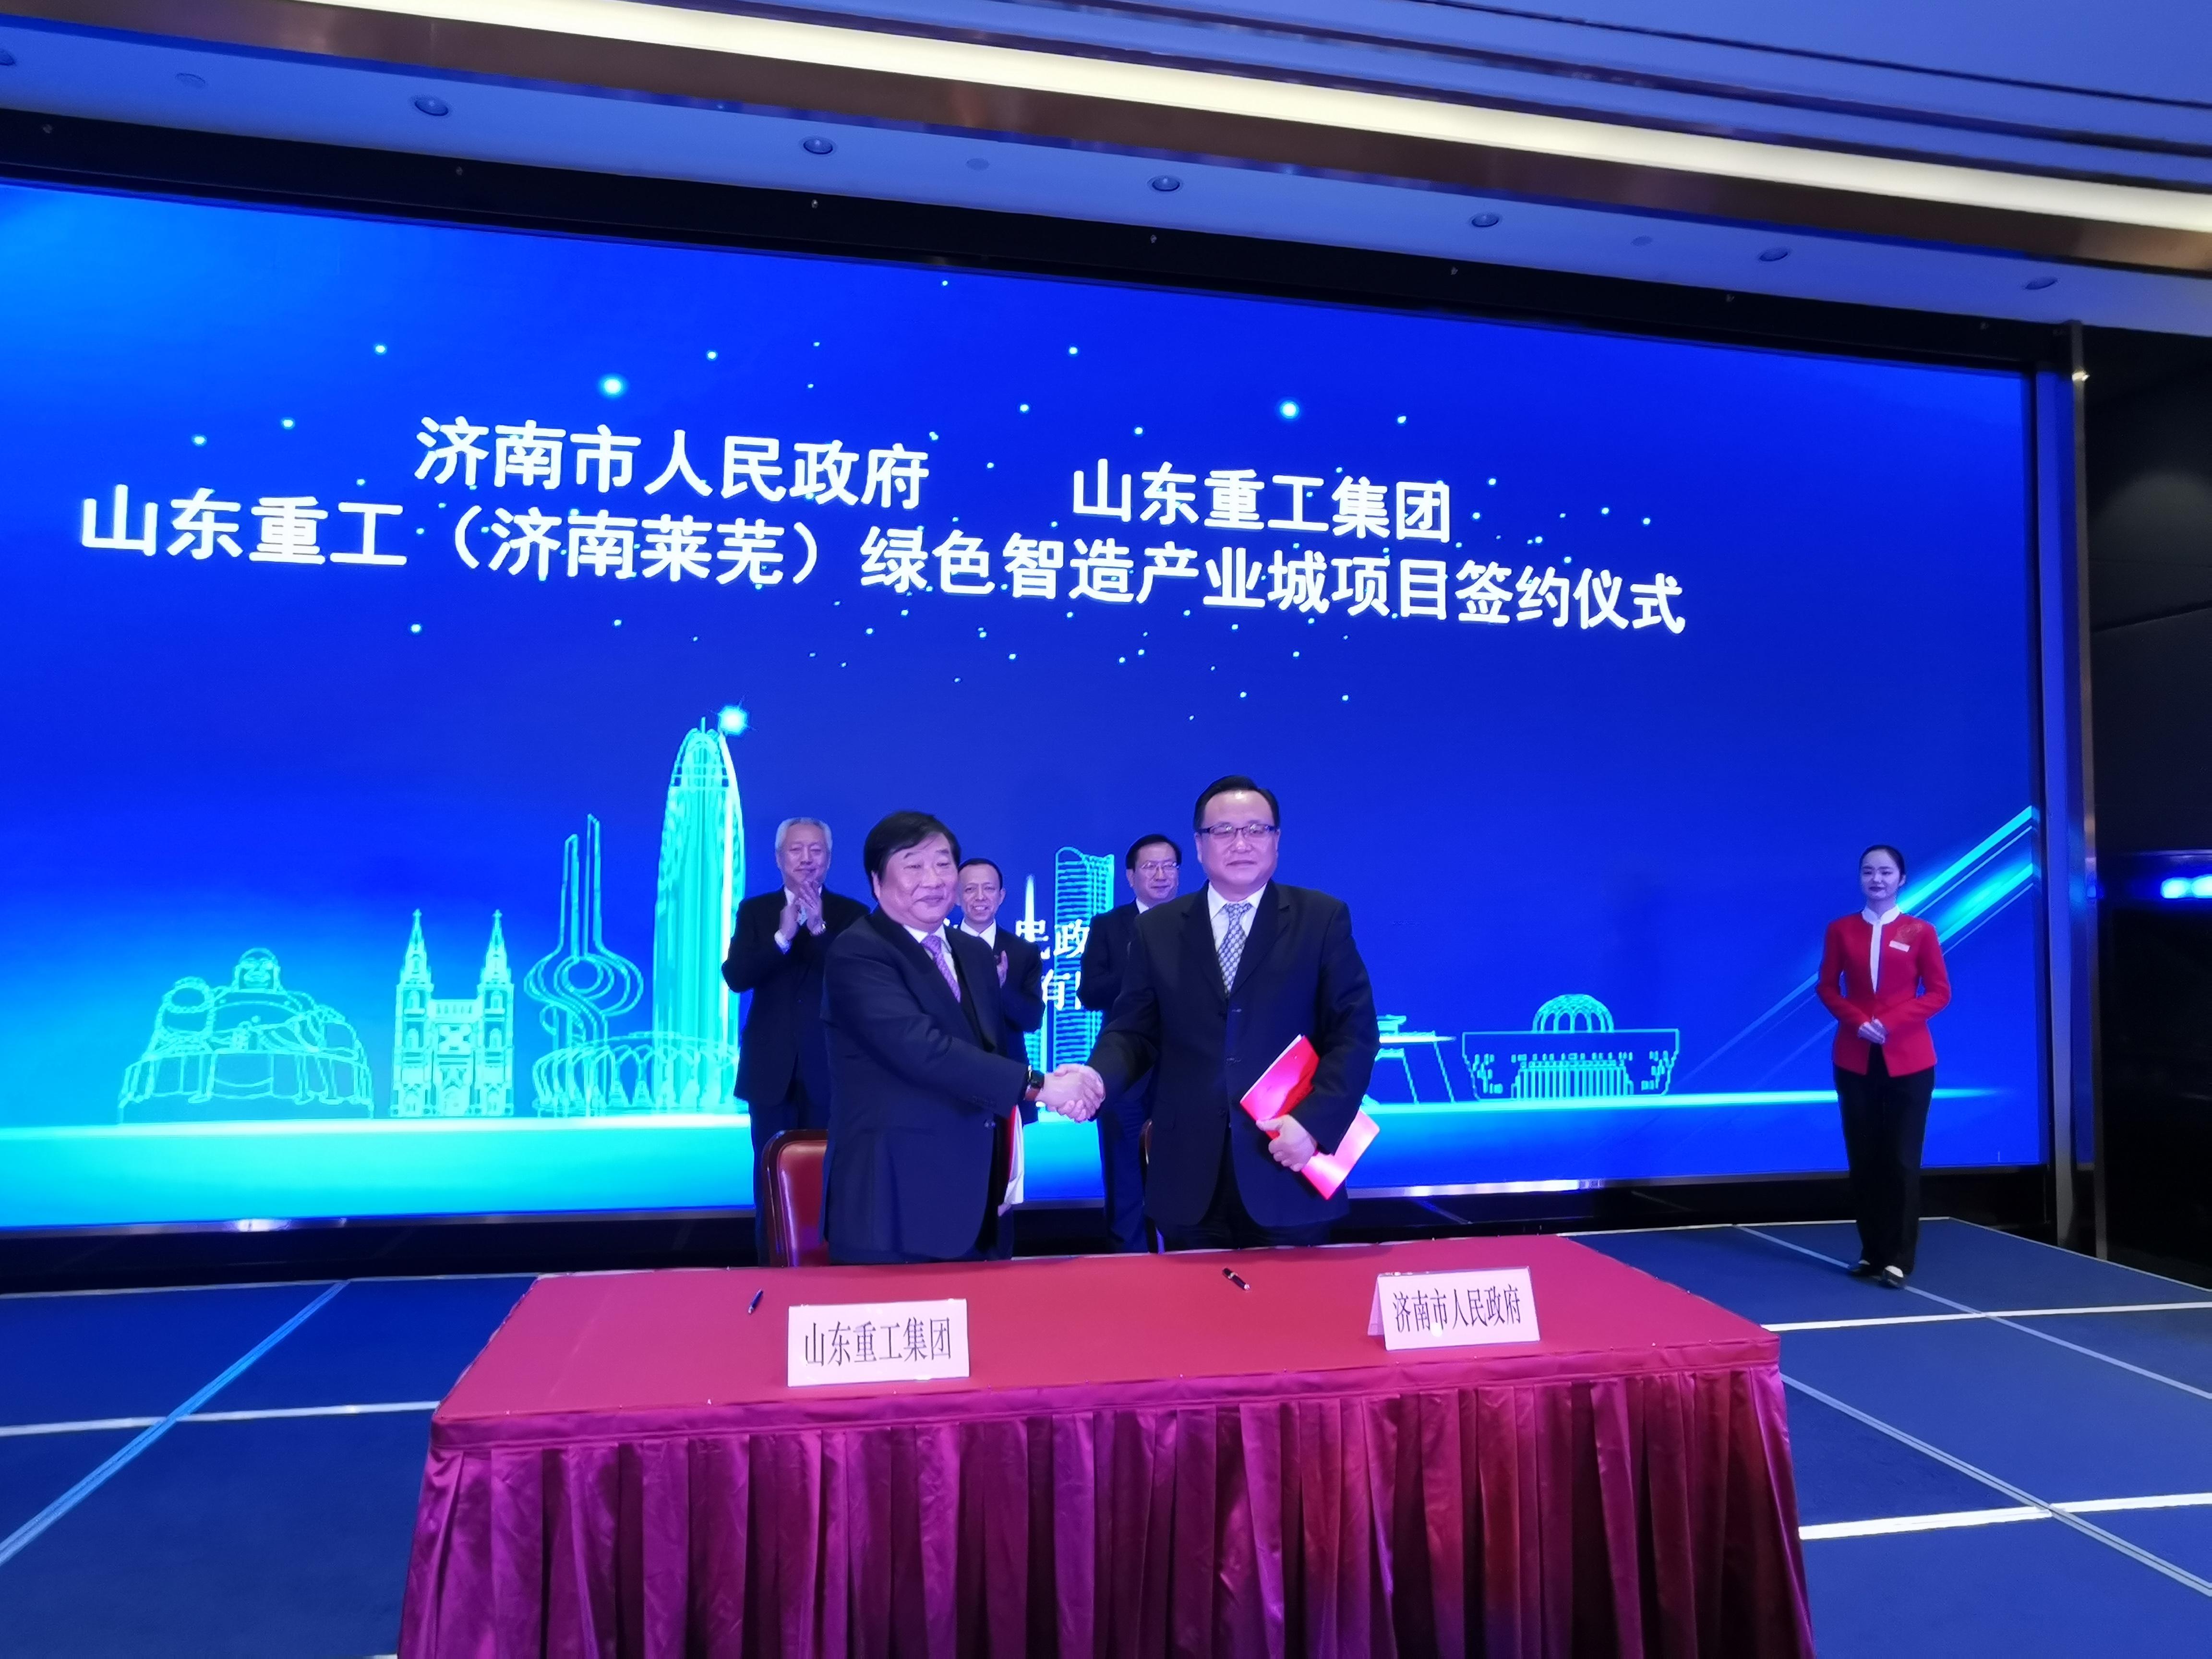 济南市与山东重工集团签署战略合作 投资1500亿打造绿色智造产业城